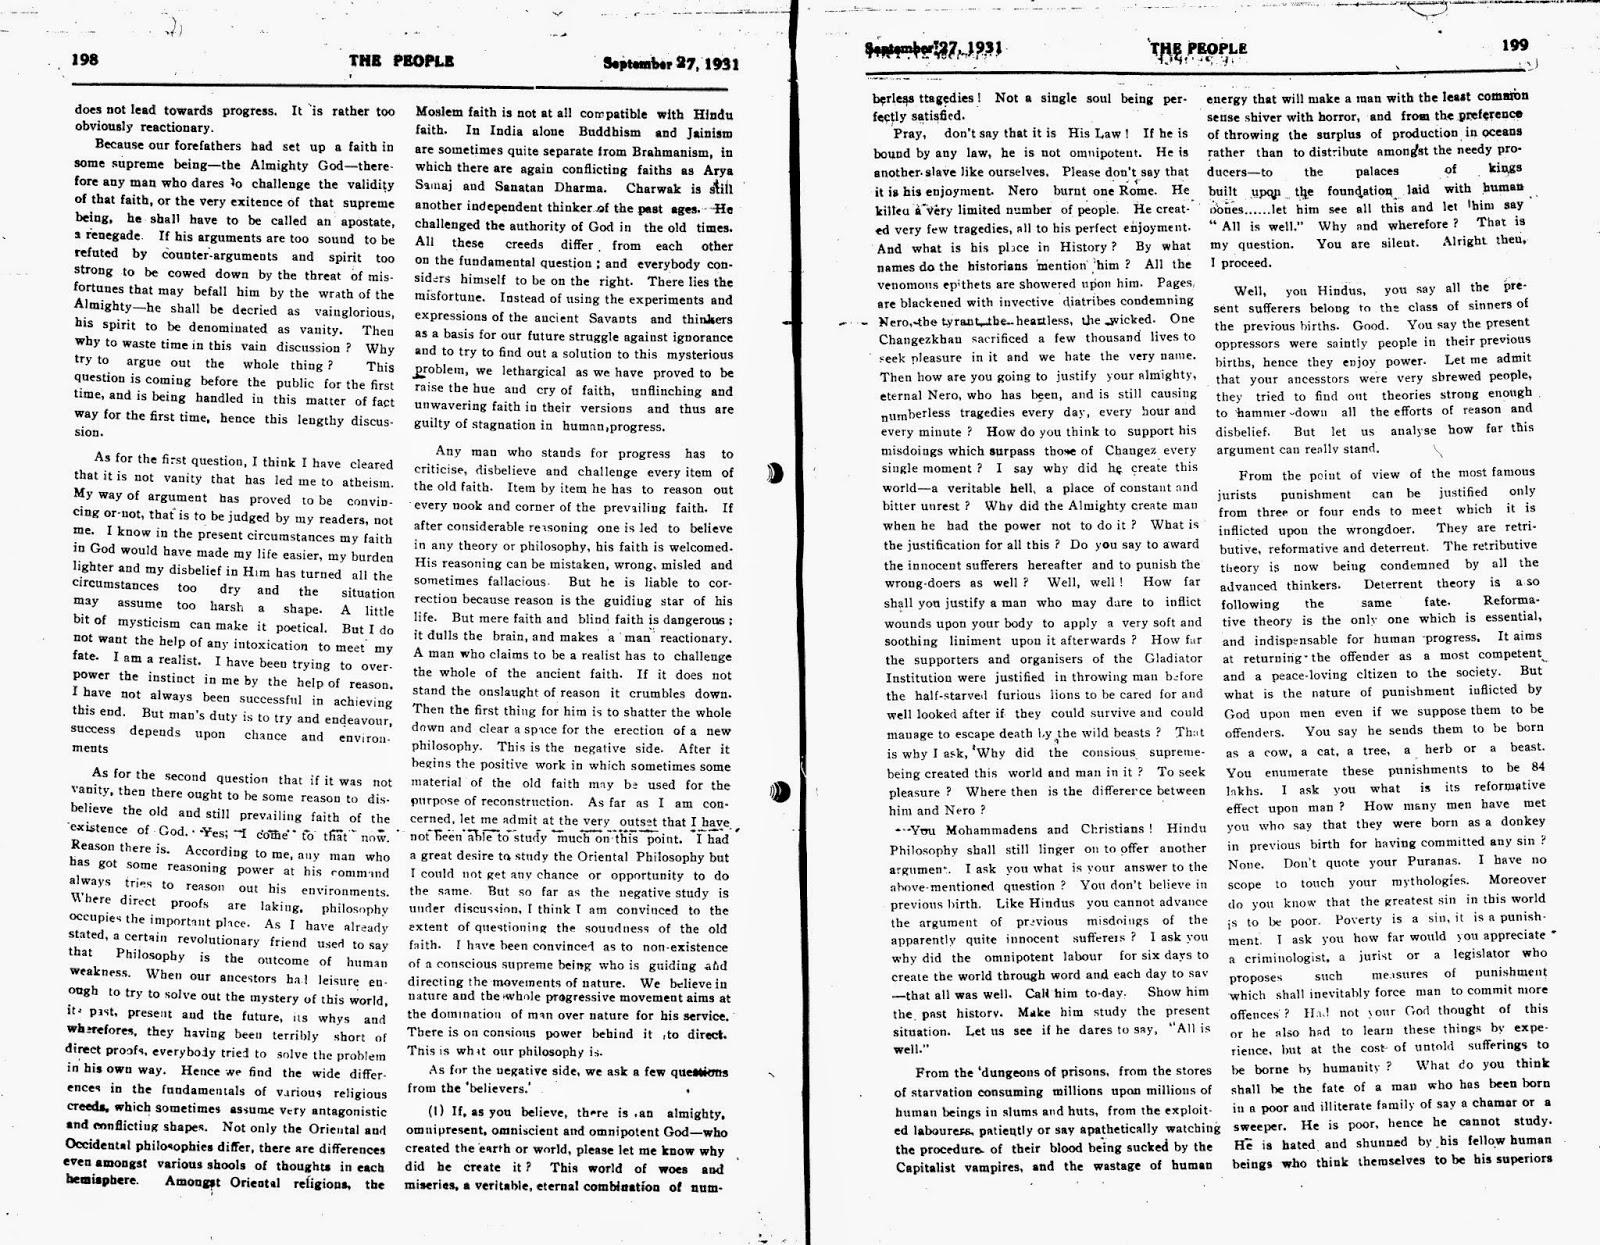 009 Essay Example Why2bi2bam2ban2batheist2b1 Jpg On Bhagat Singh In Unique Marathi Short 100 Words Full